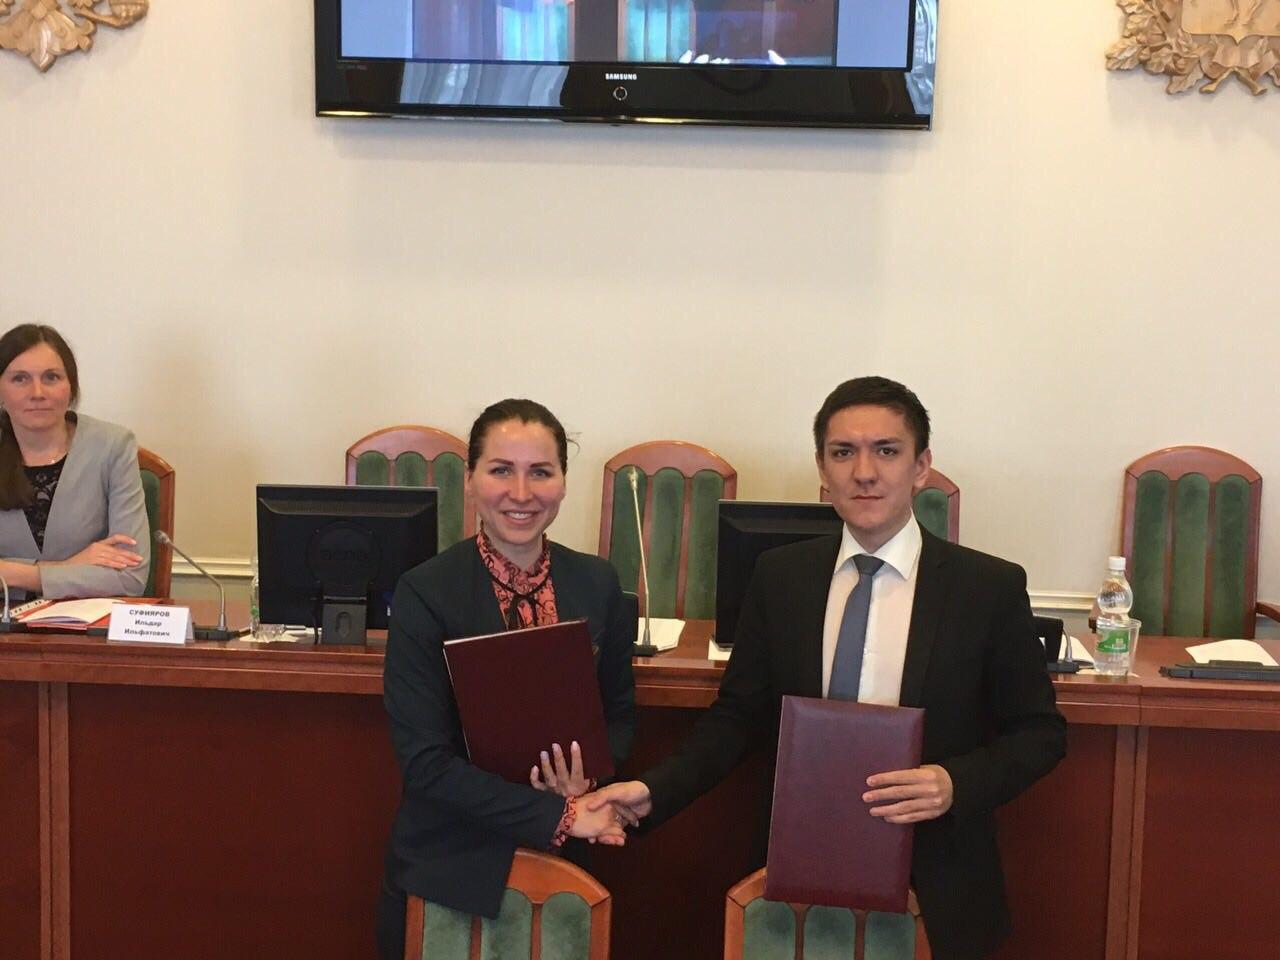 Молодежный парламент подписал соглашение с Молодежным советом Республики Татарстан